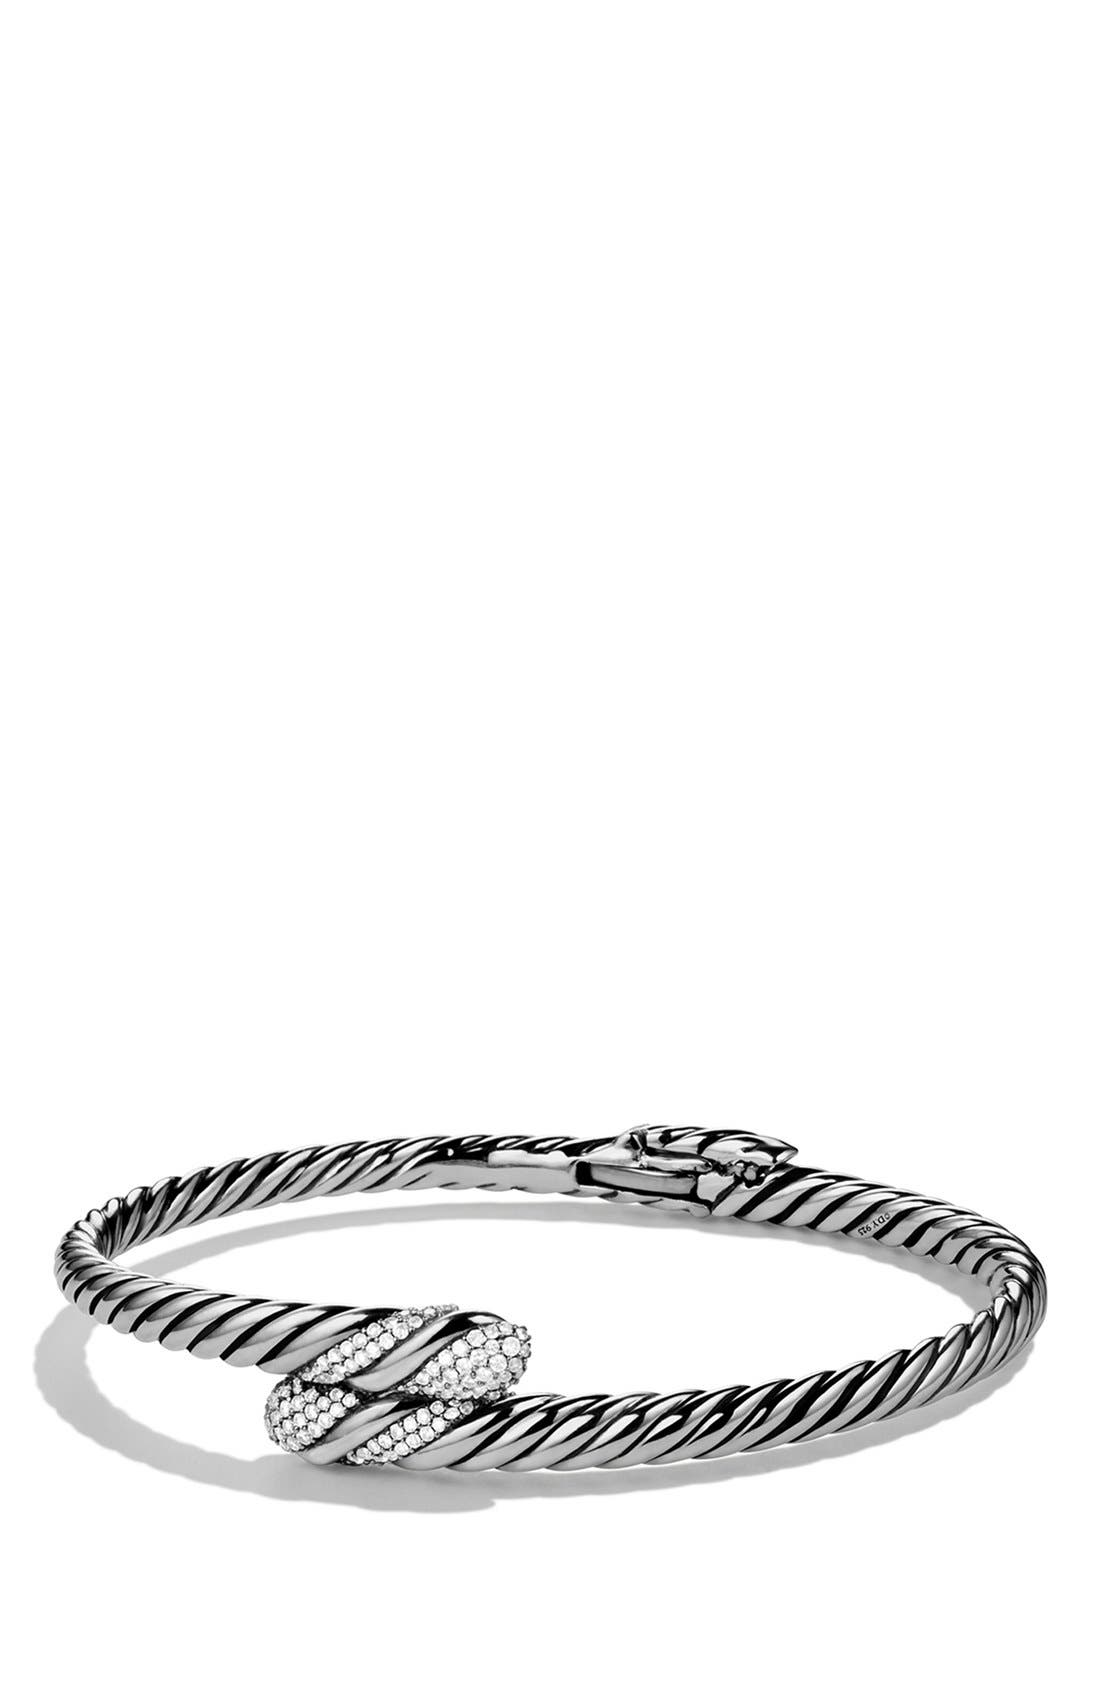 David Yurman 'Willow' Single Row Bracelet with Diamonds